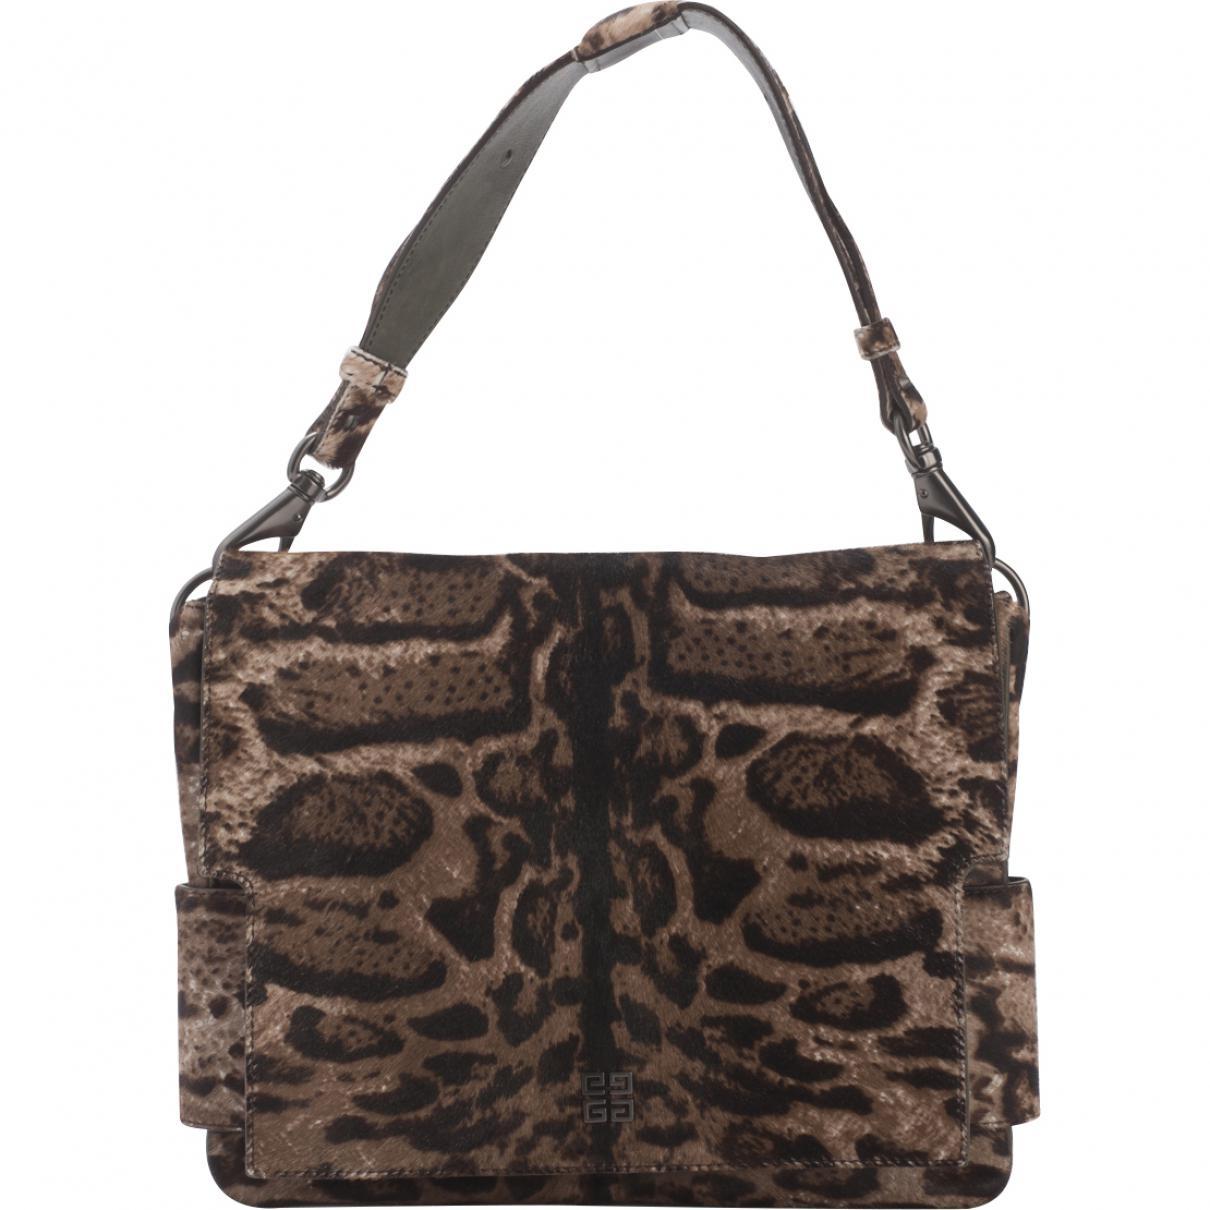 A.L.C. Pre-owned - Handbag rDSuLi